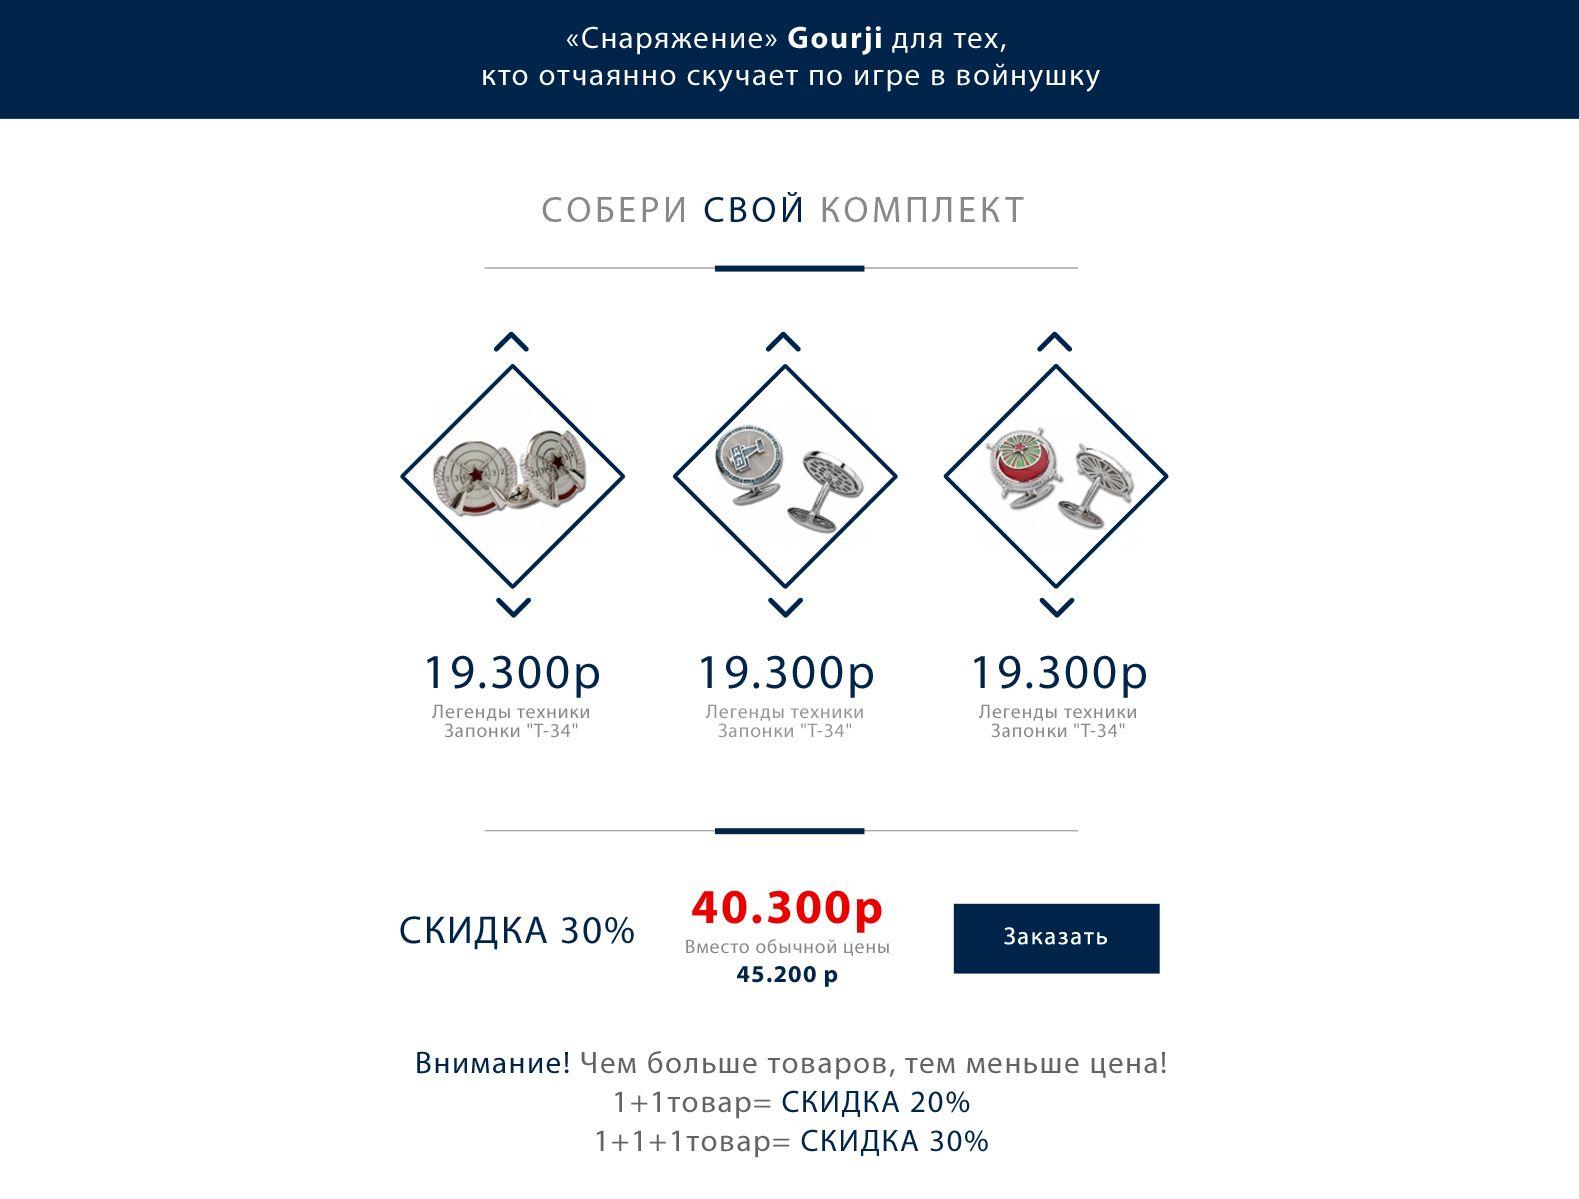 Дизайн лендинга для бренда Gourji - дизайнер Sedlovskaya